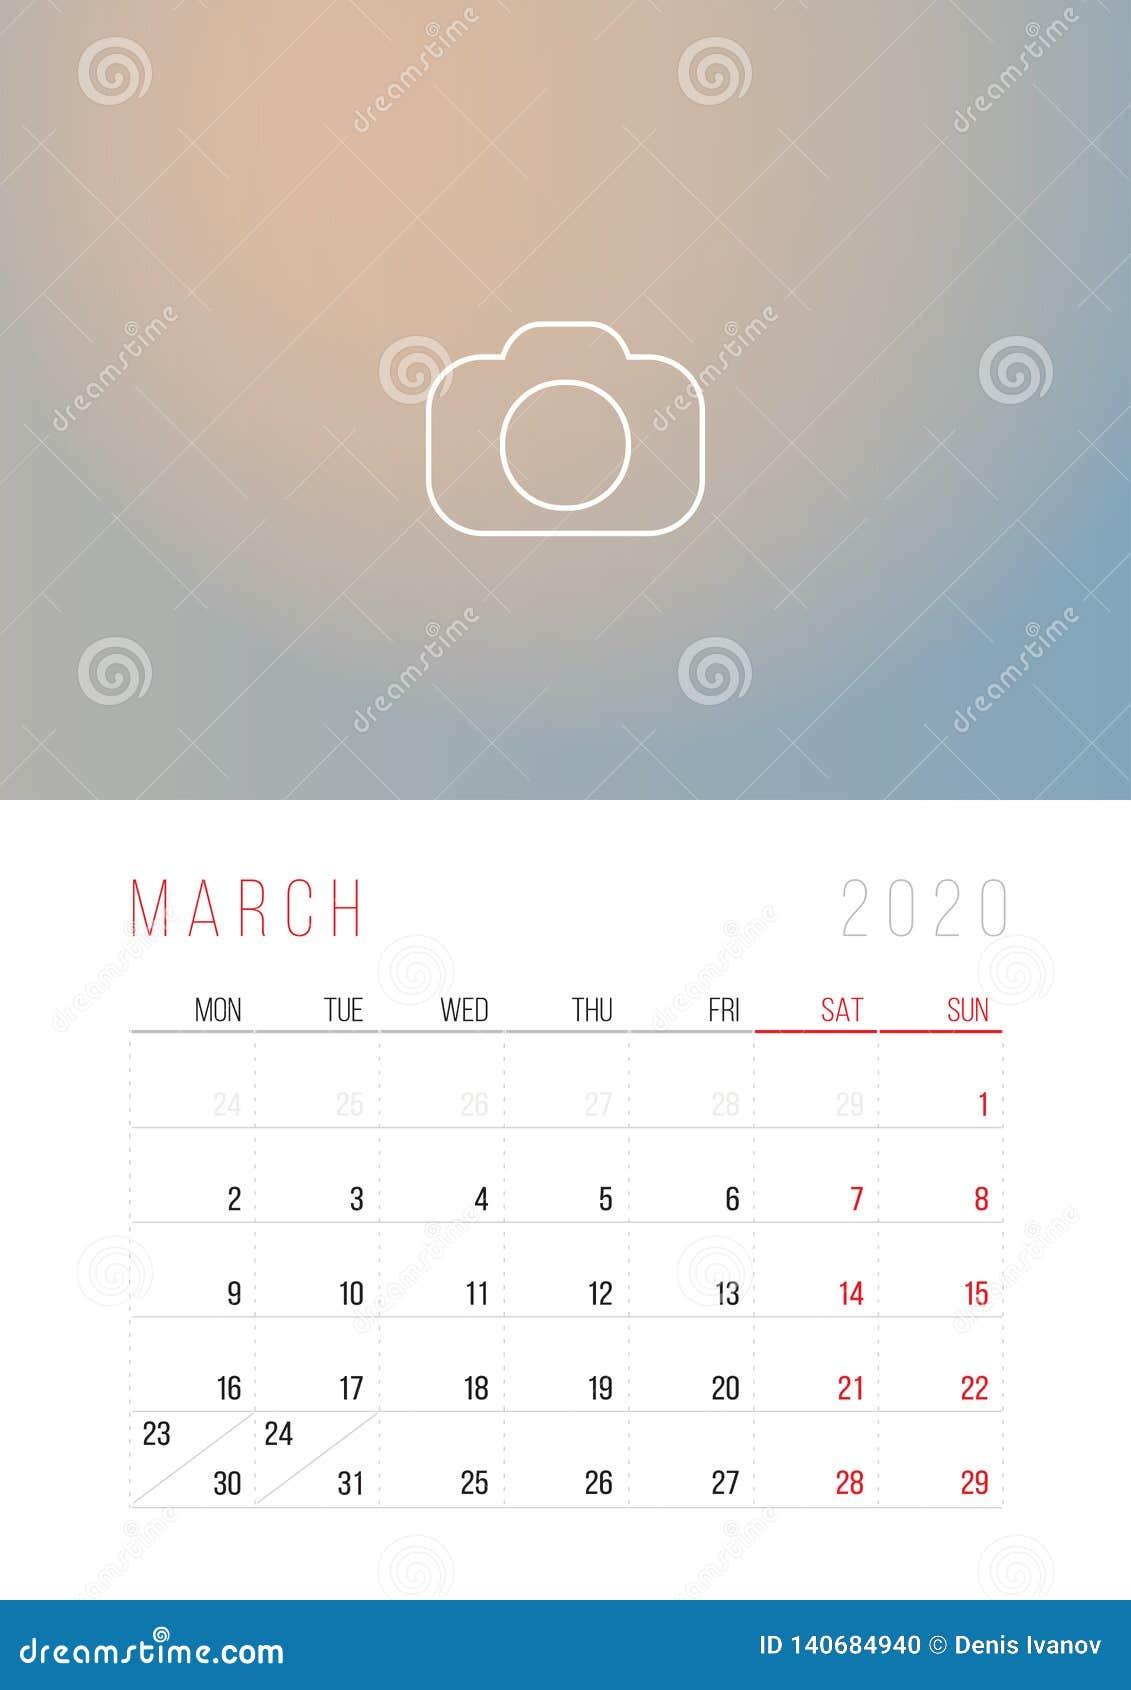 Imprimir Calendario 2020 Por Meses.Calendario 2020 Comienzo De La Semana El Lunes Ilustracion Del